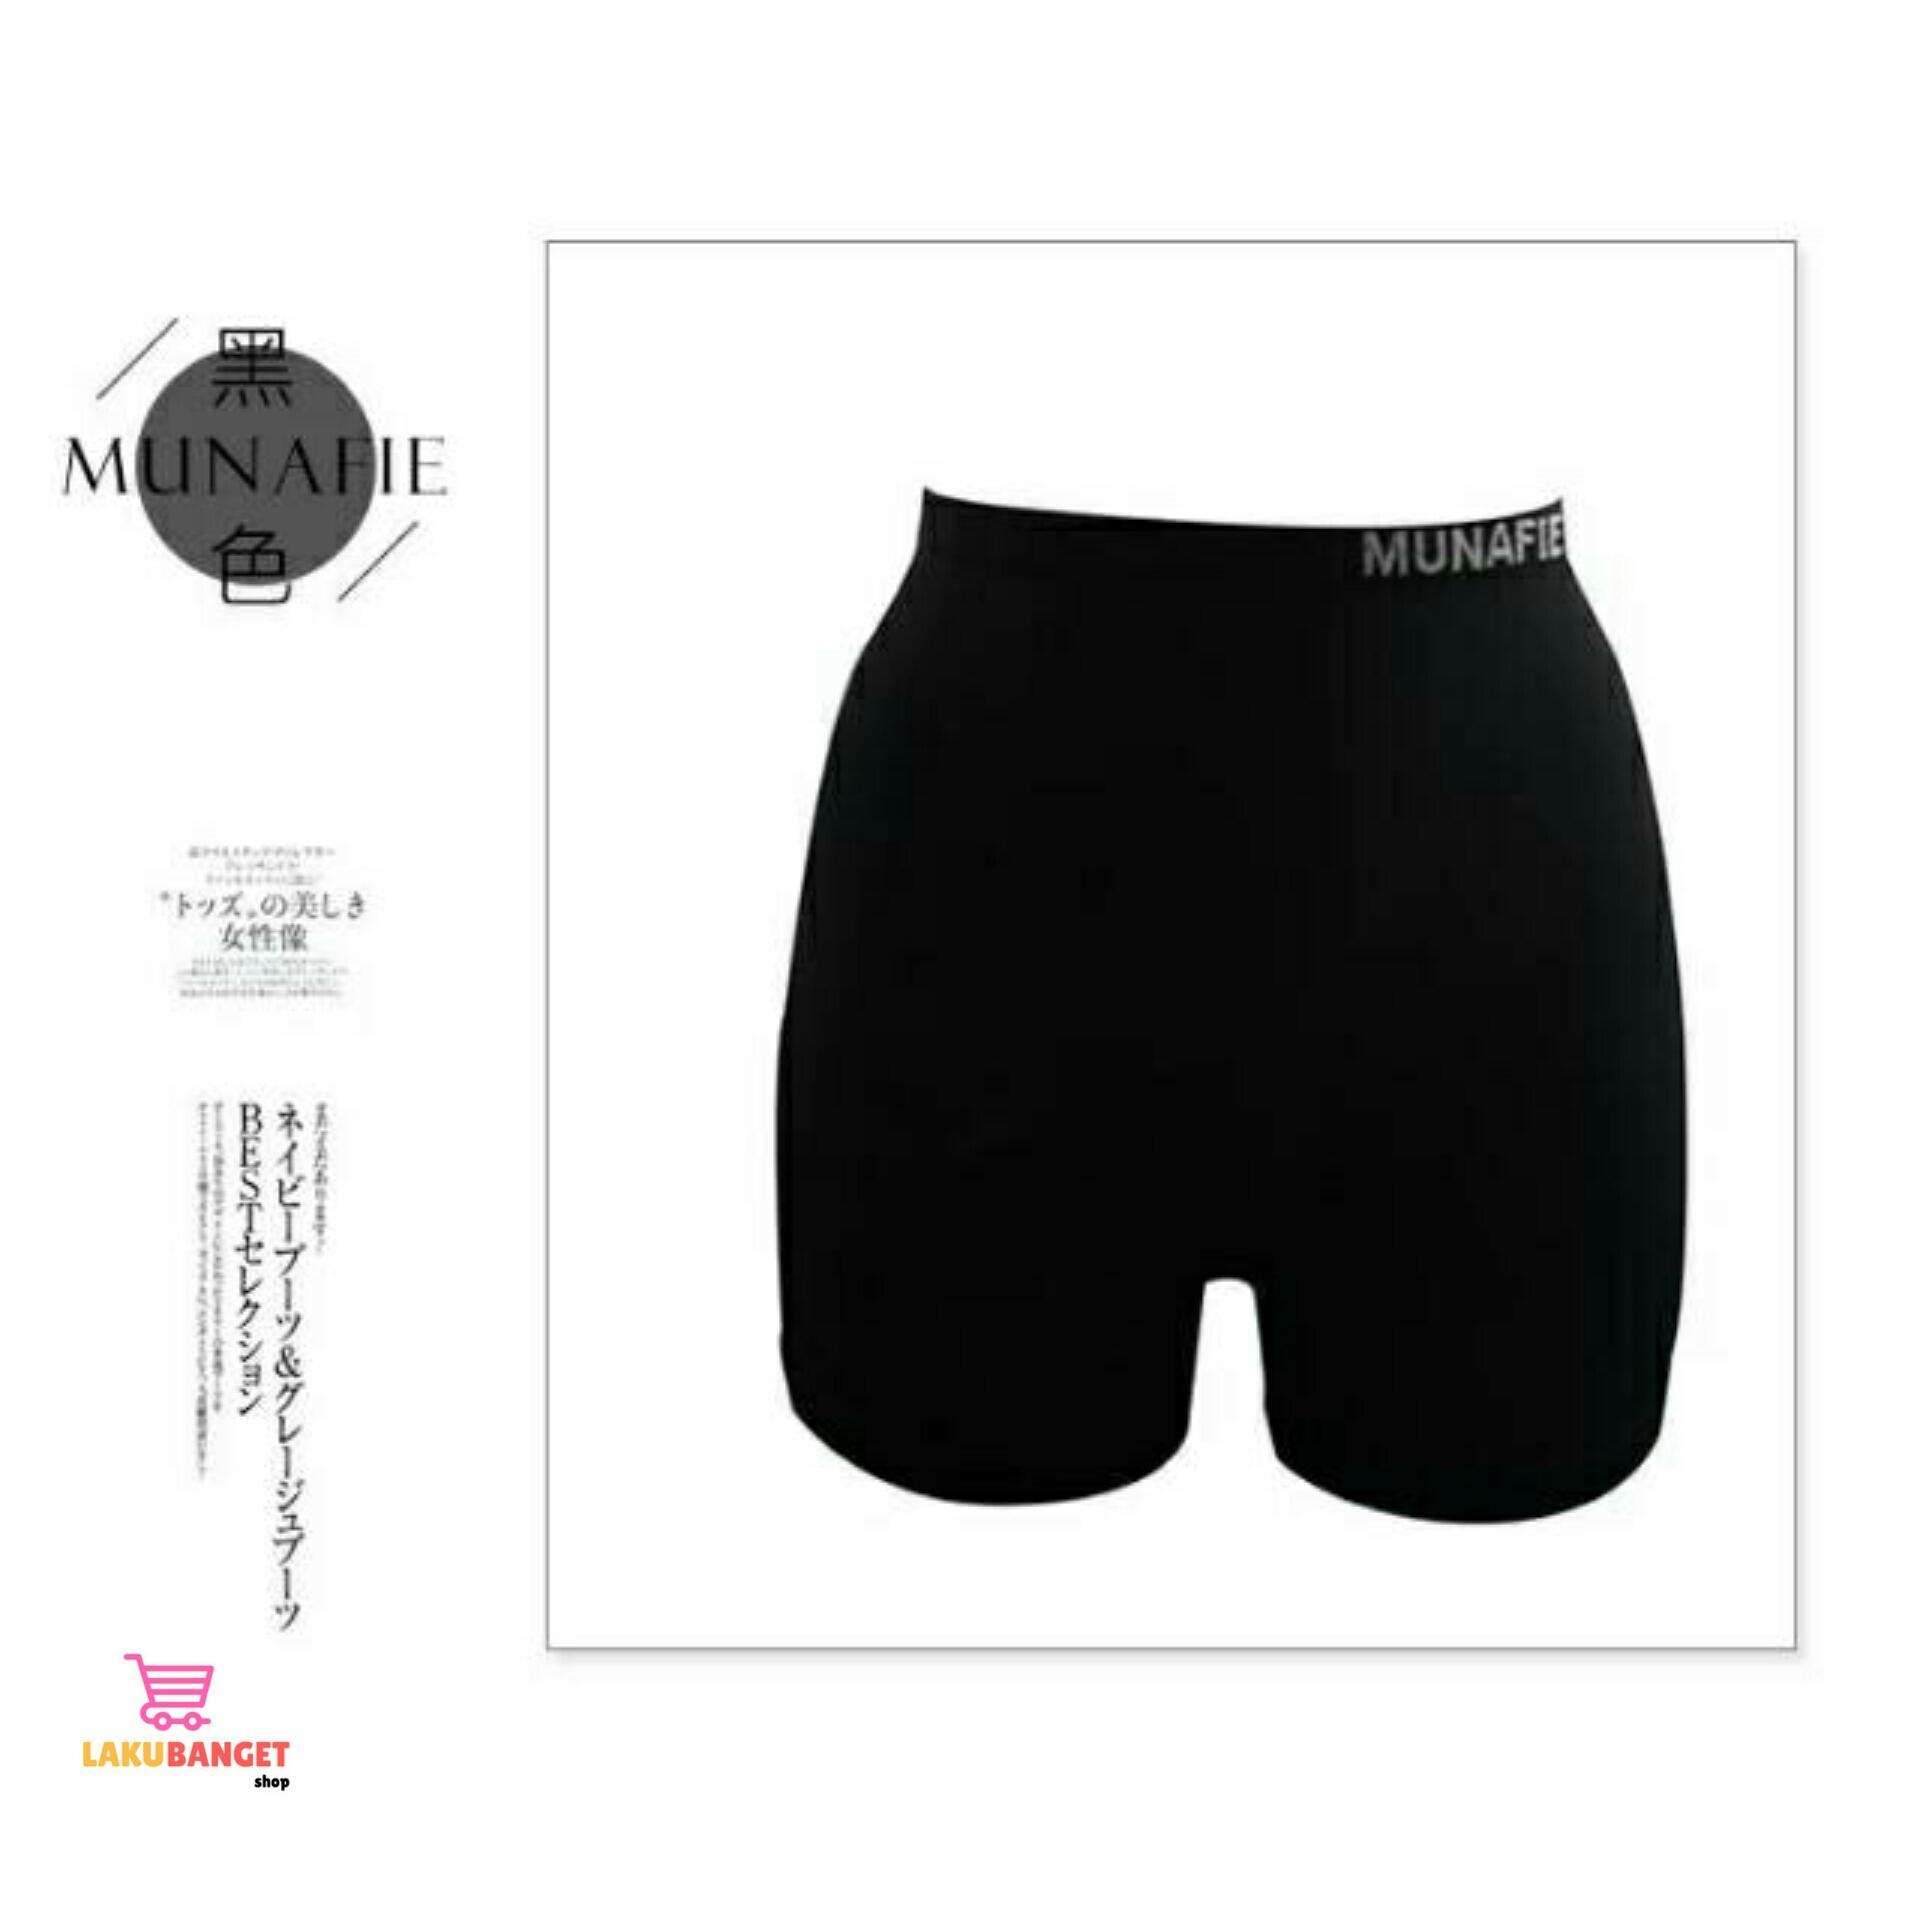 Harga Lakubanget Munafie Korset Celana Slimming Body Shape Premium Seken